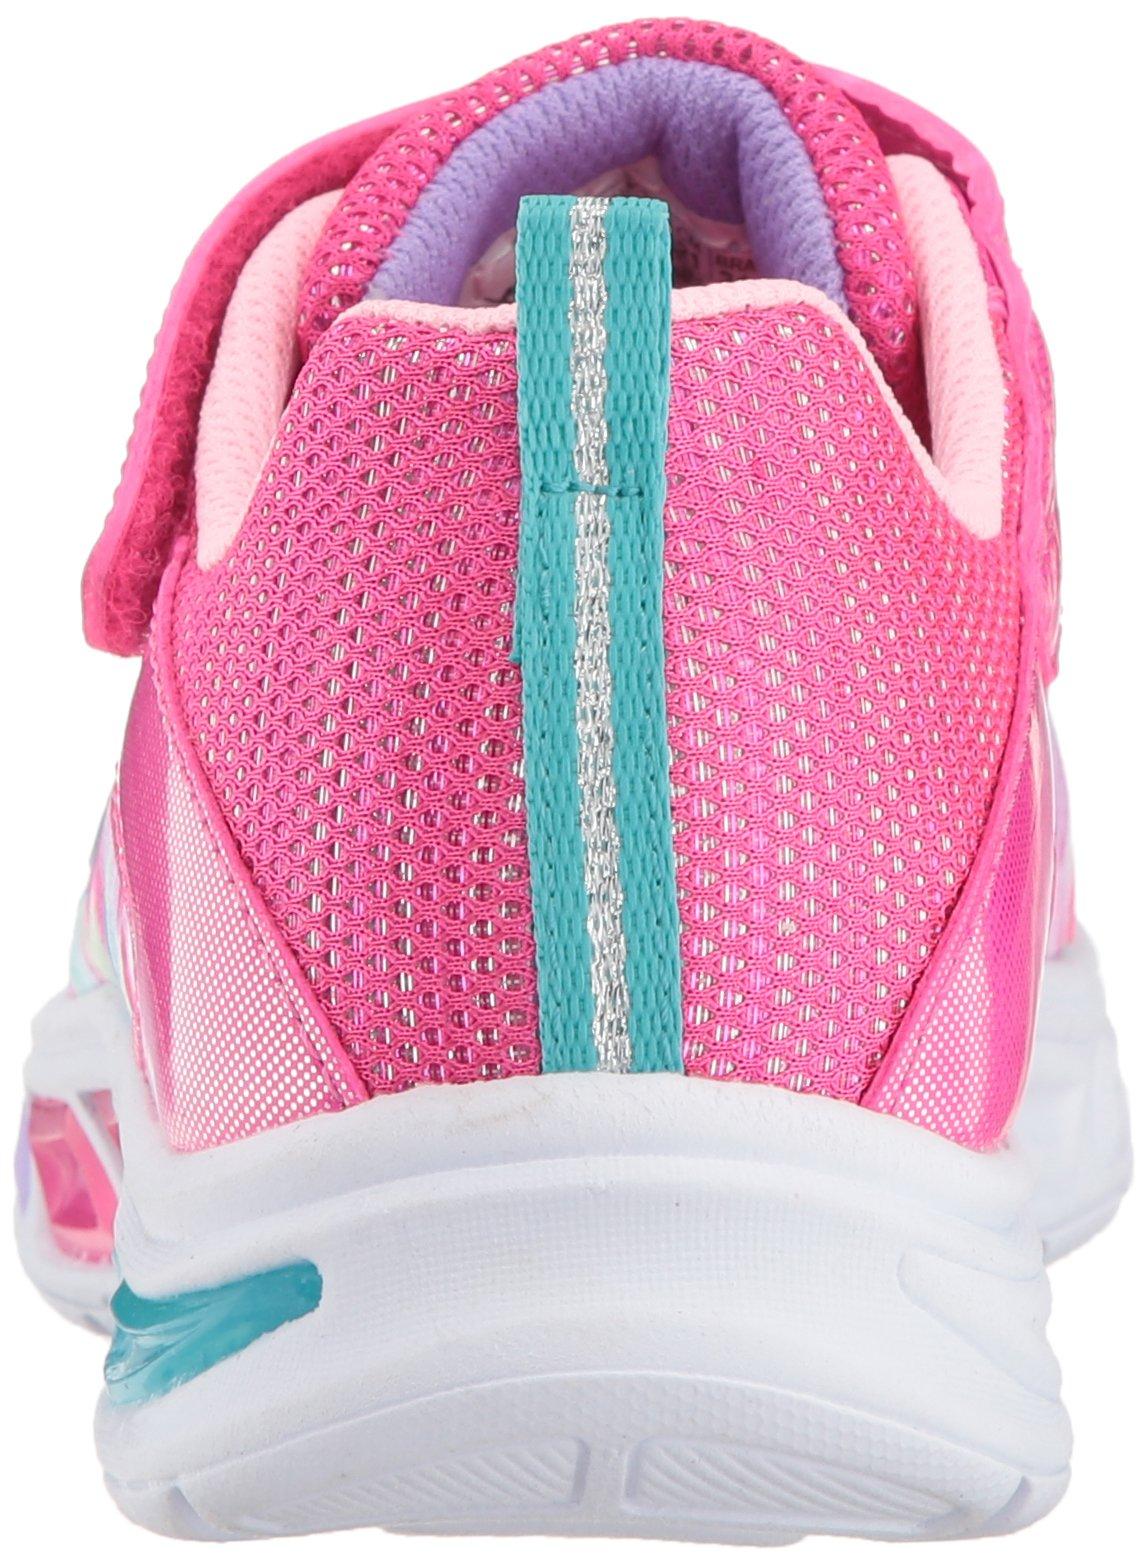 Skechers Kids Girls' Litebeams-Dance N'Glow Sneaker,neon Pink/Multi,1 Medium US Little Kid by Skechers (Image #2)